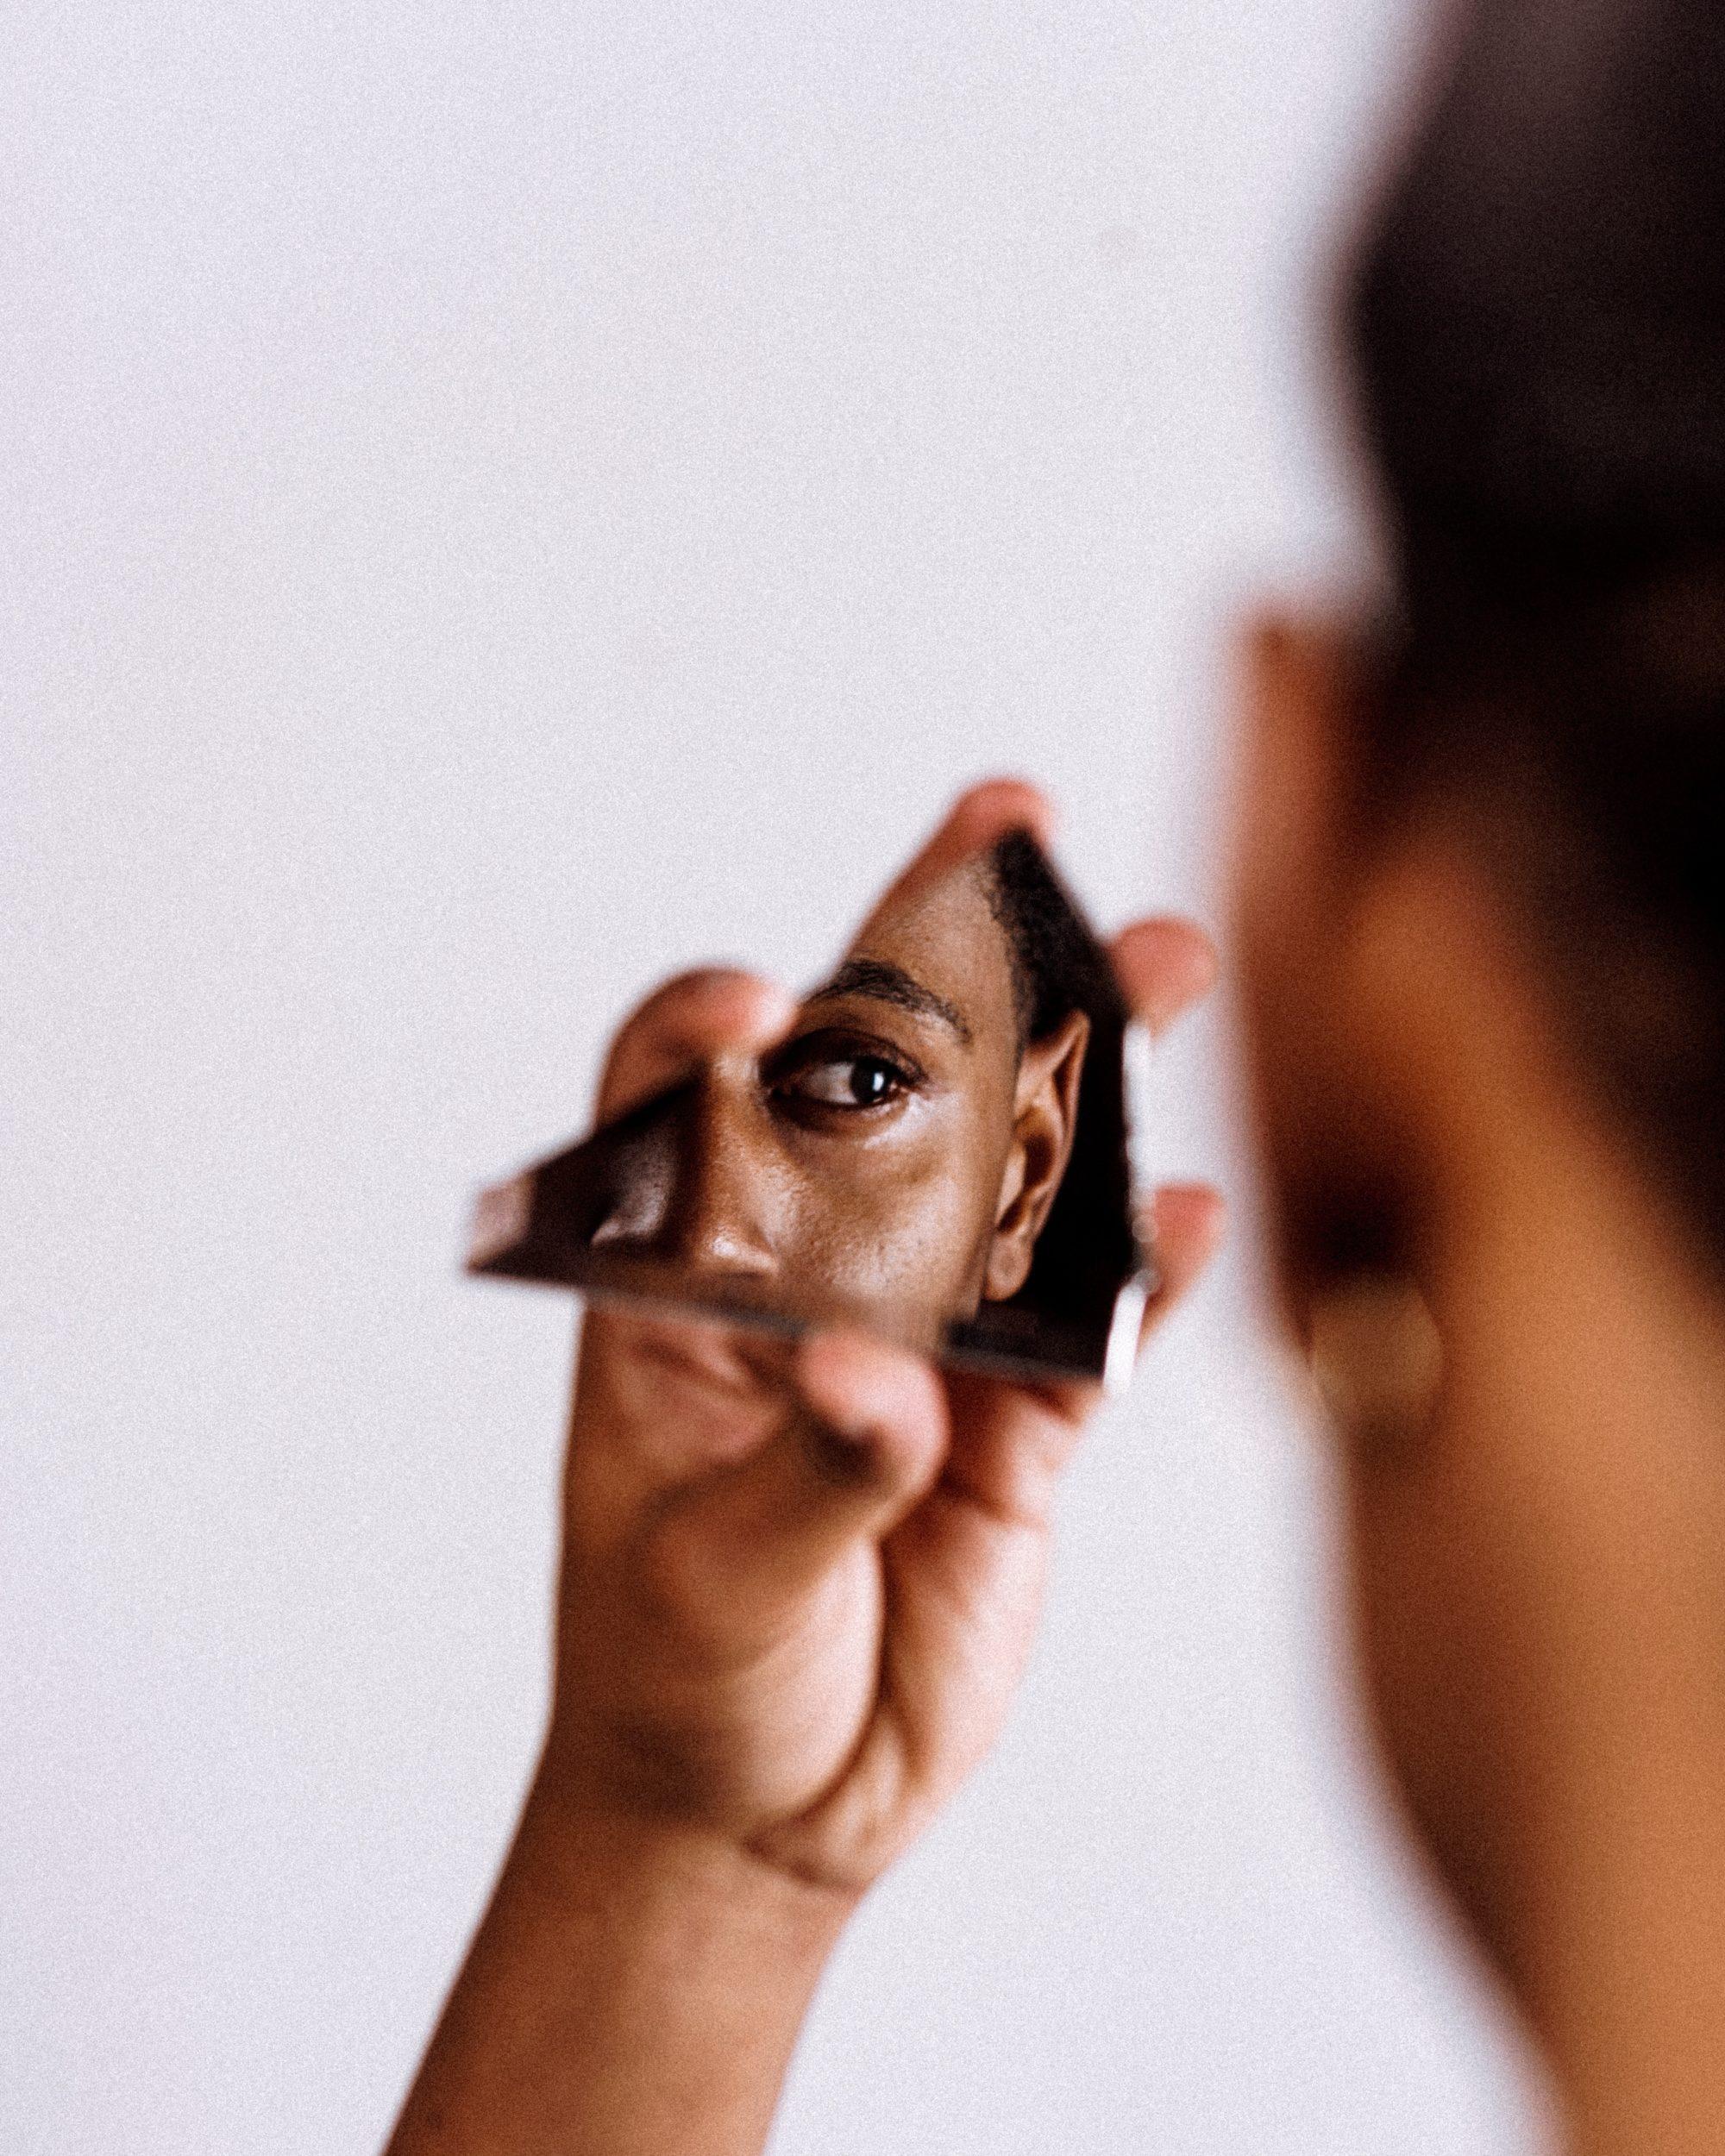 研究發現用「第三人稱叫自己」能提升決策力 但得臉皮夠厚!